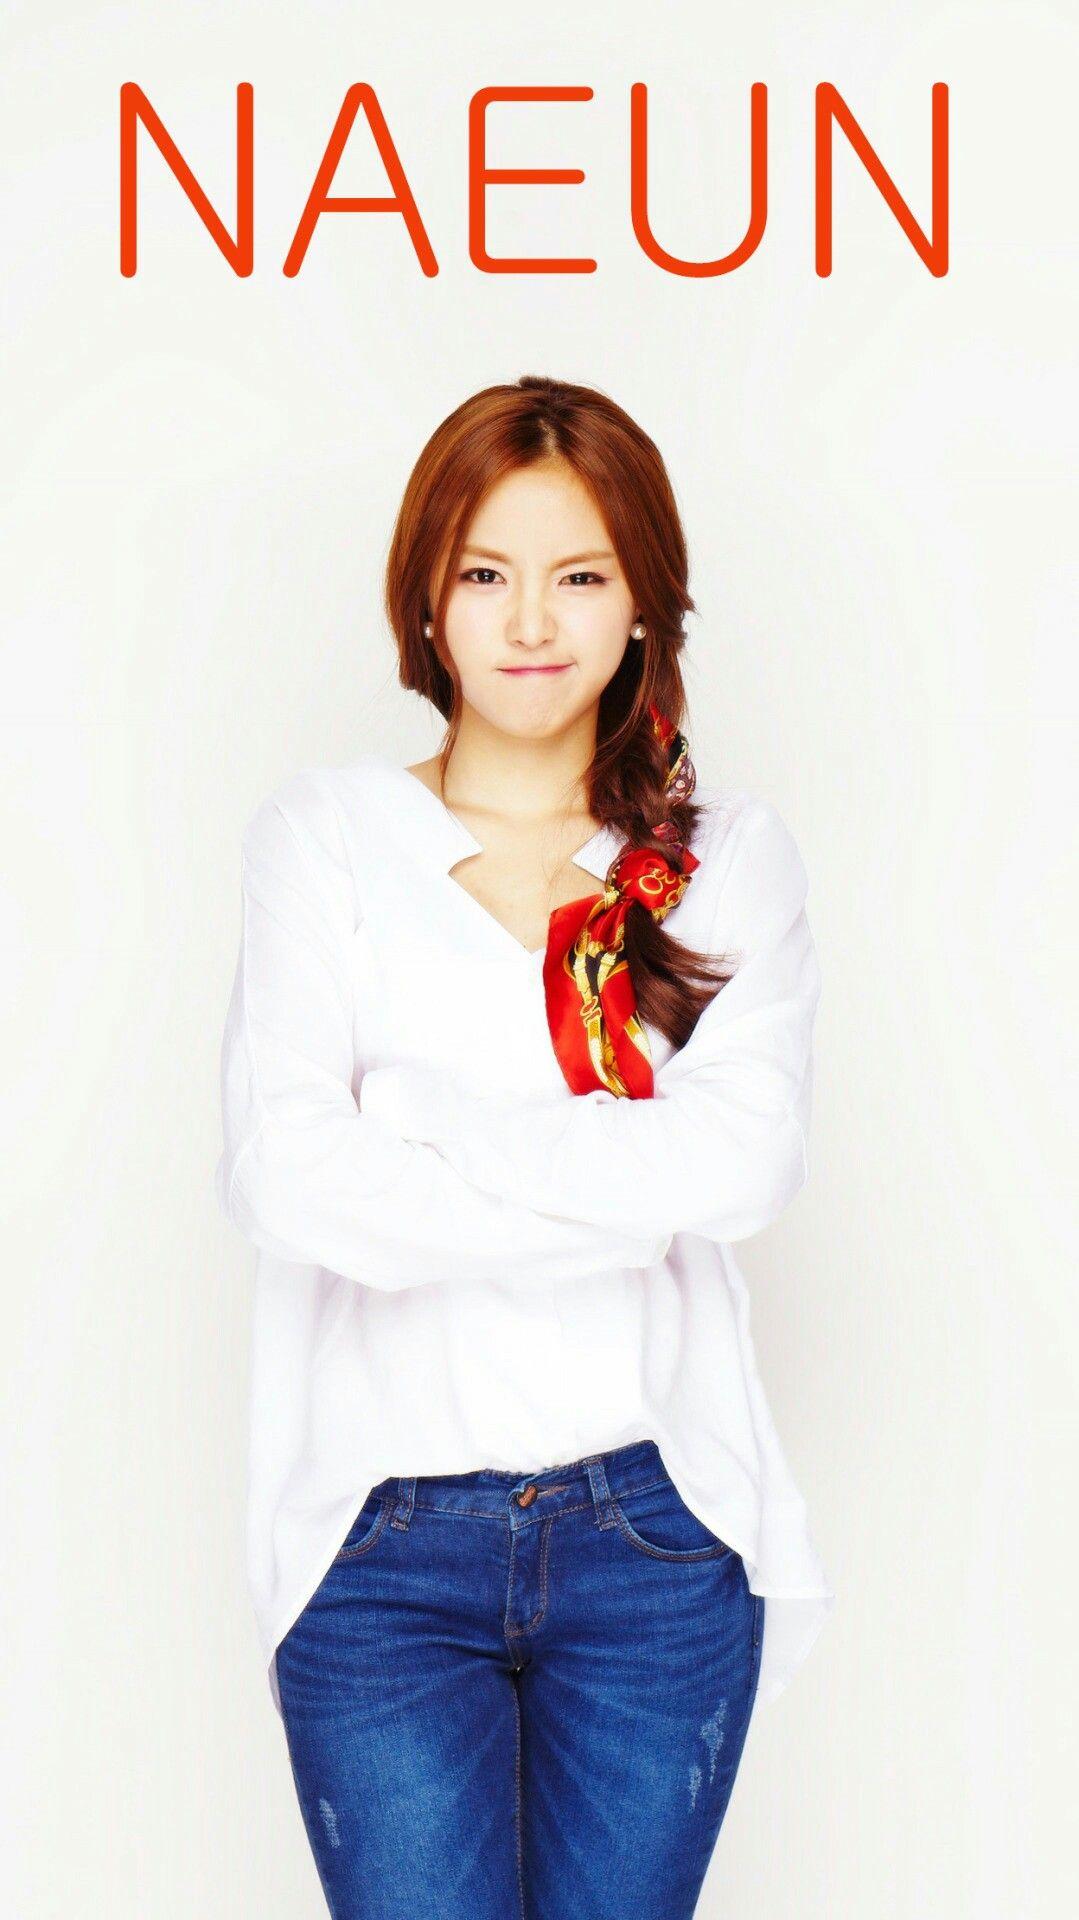 Apink Naeun wallpaper Apink naeun, The most beautiful